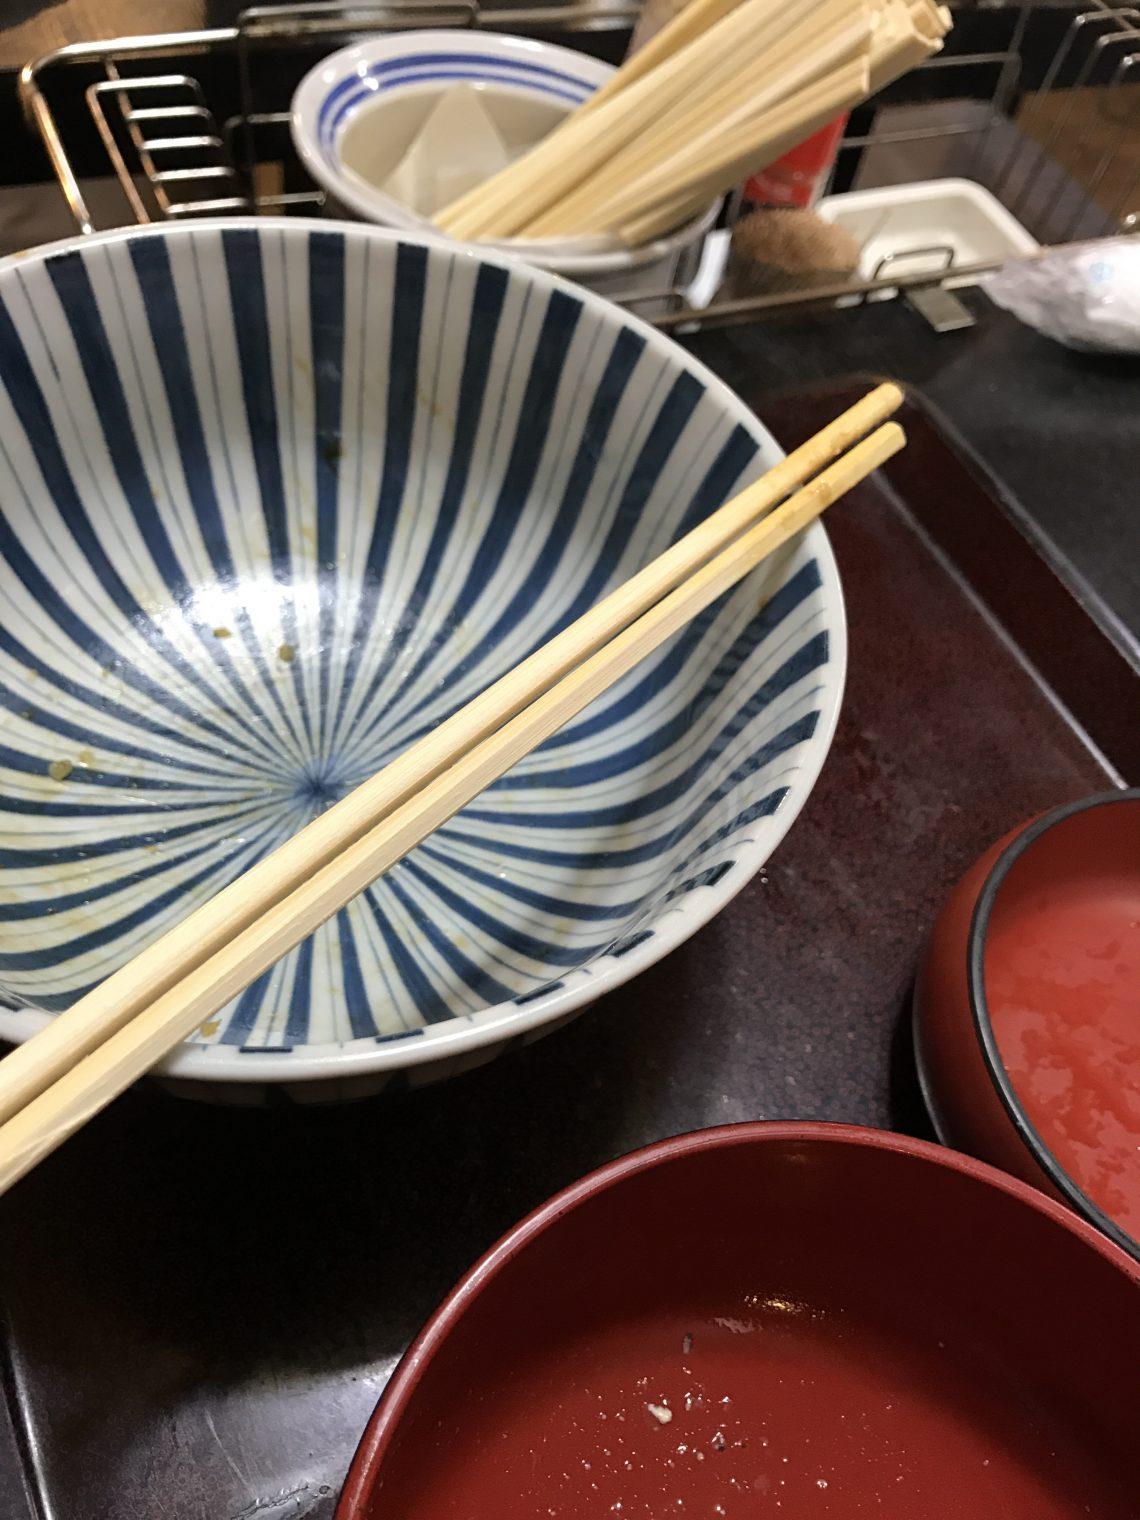 んー✖️天丼✖️食べたい!